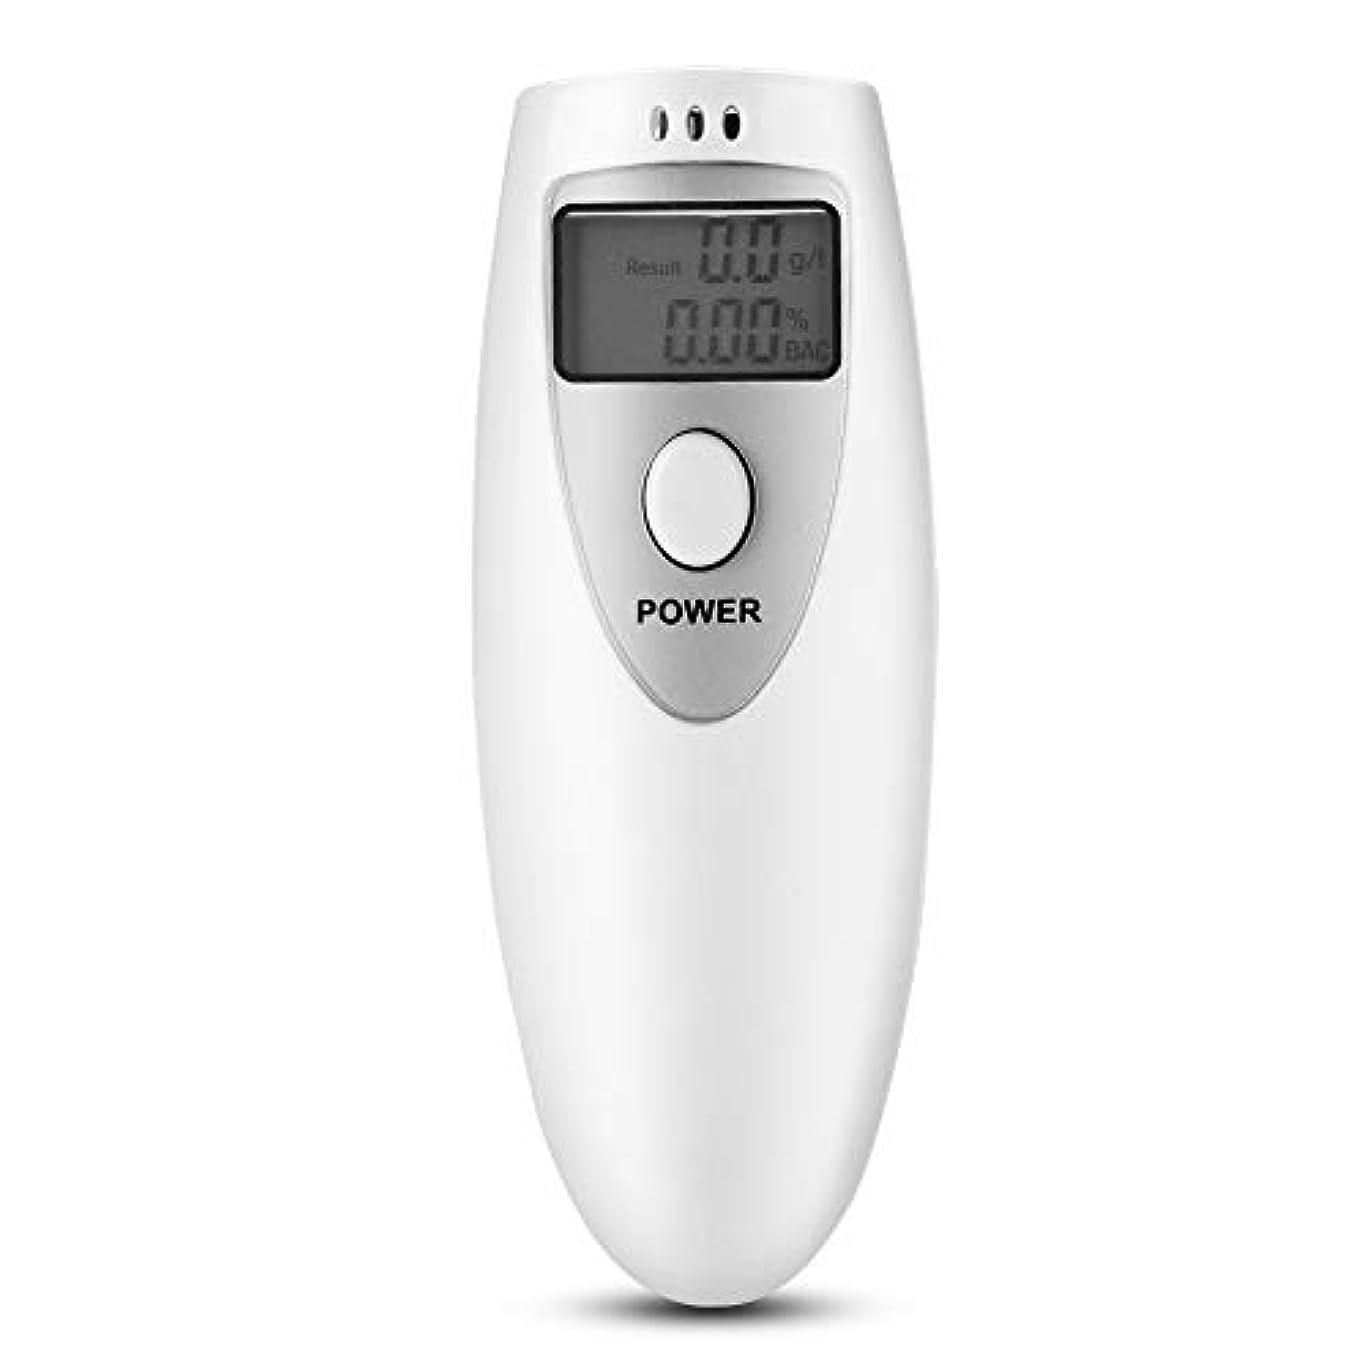 ブローホールモートペイント飲酒検知器のデジタル携帯用呼気のアルコールテスター、家の使用のためのLEDスクリーンが付いている専門の等級の正確さ